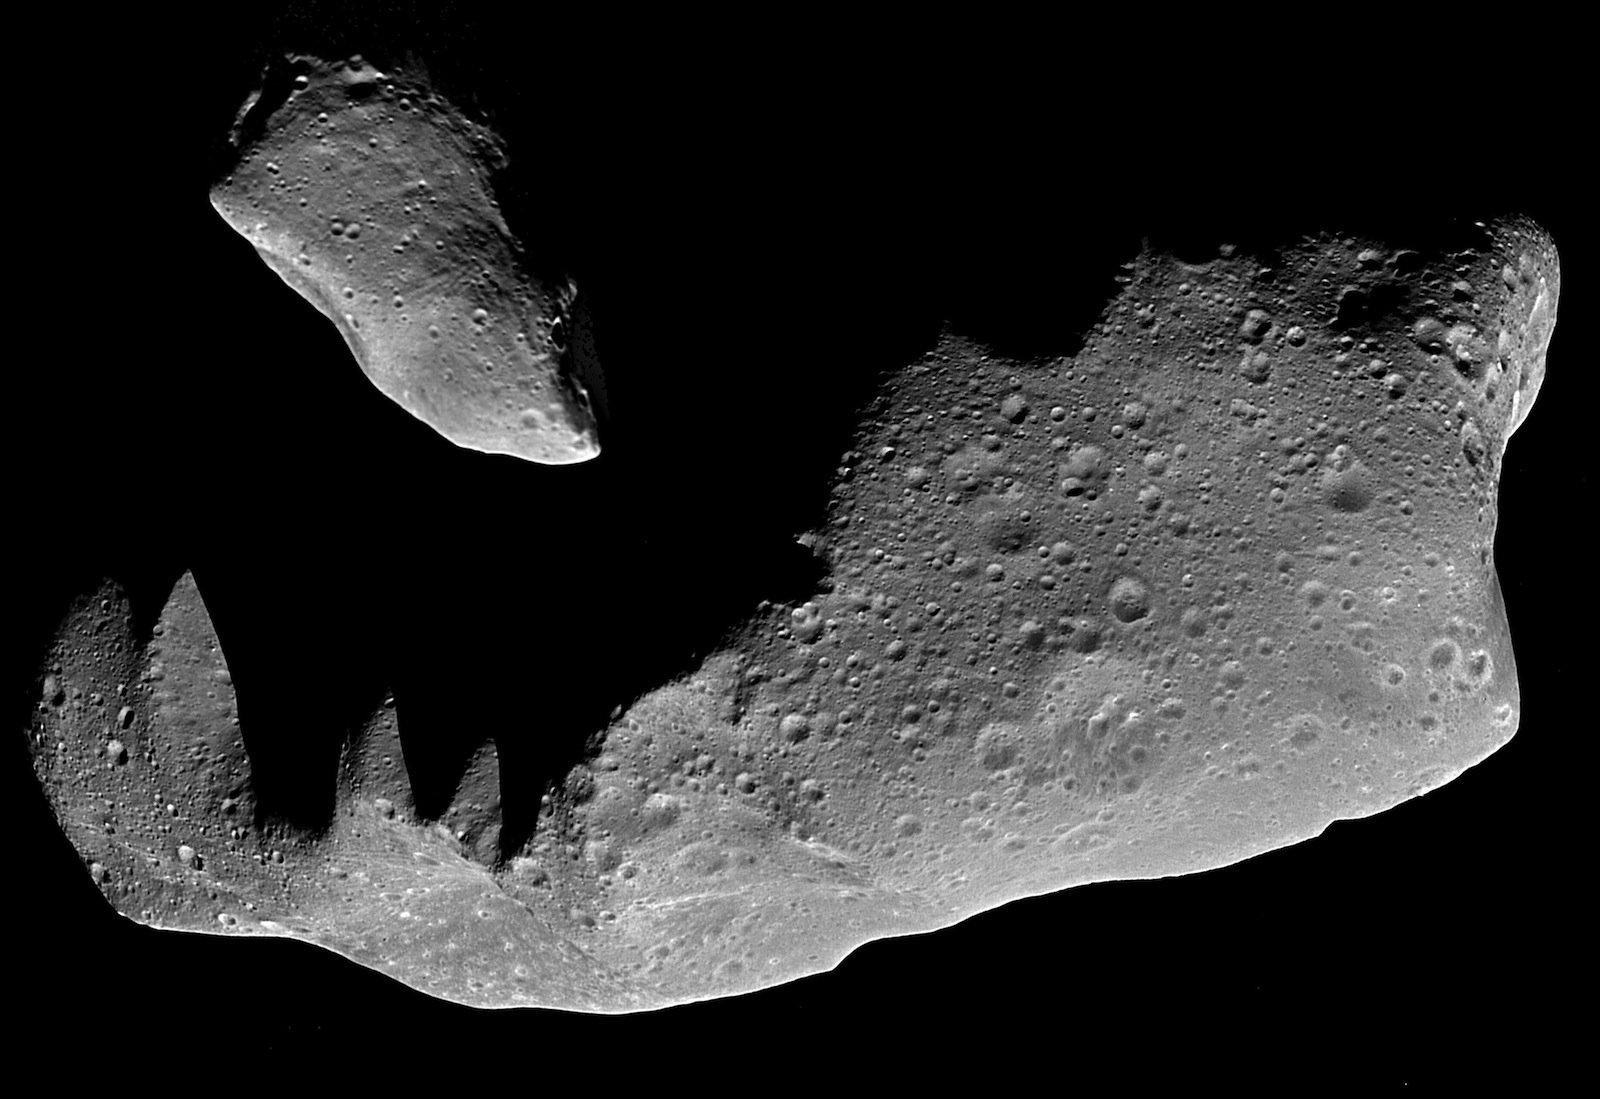 Gefahr aus dem All: Der Einschlag von Asteroiden auf der Erde könnte verheerende Folgen haben.Die Nasa hat jetzt eine Abteilung für planetare Verteidigung eingerichtet.